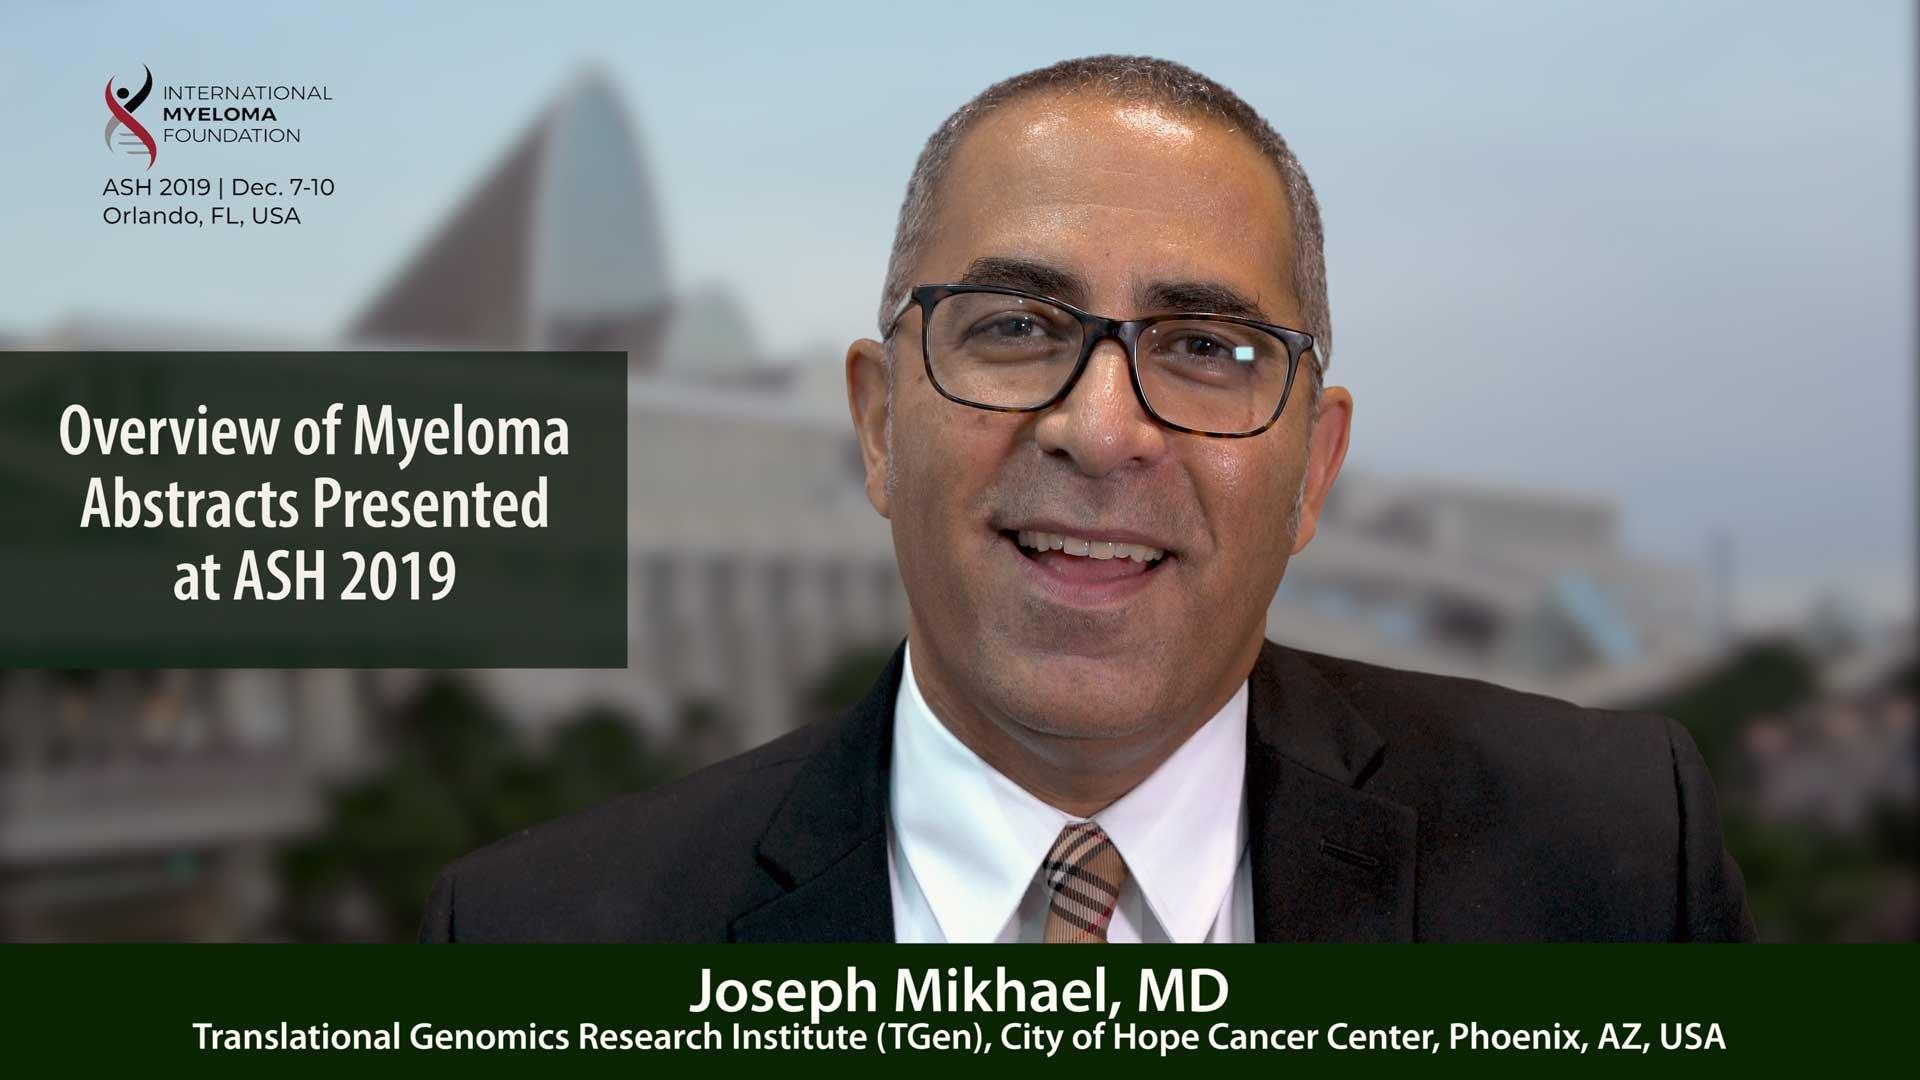 Dr. Joseph Mikhael